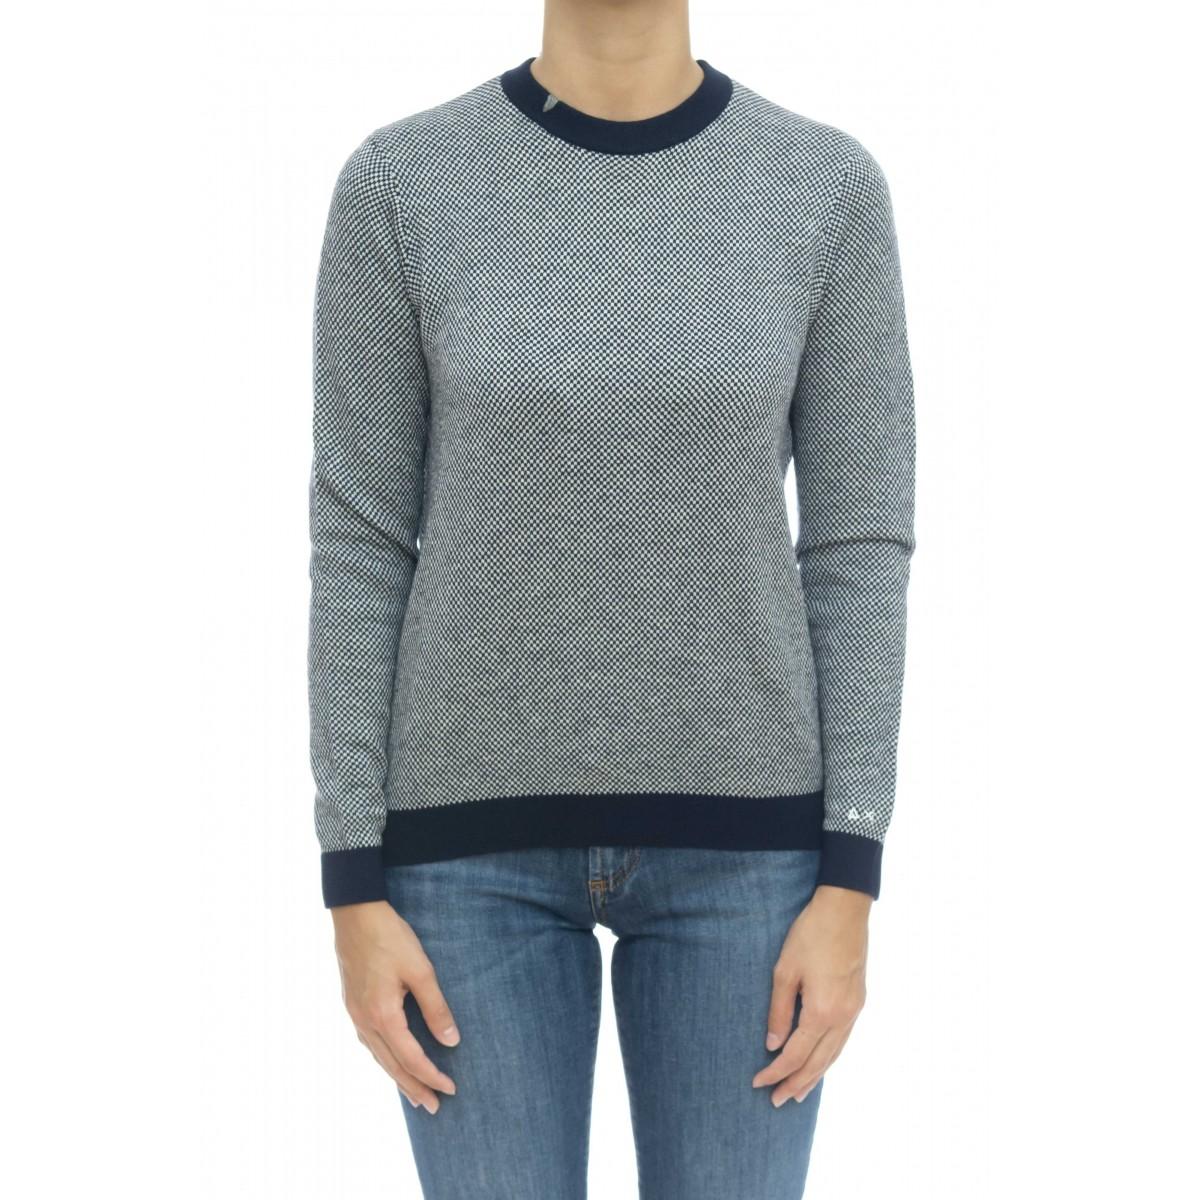 Maglieria - K29205 maglia jacquard